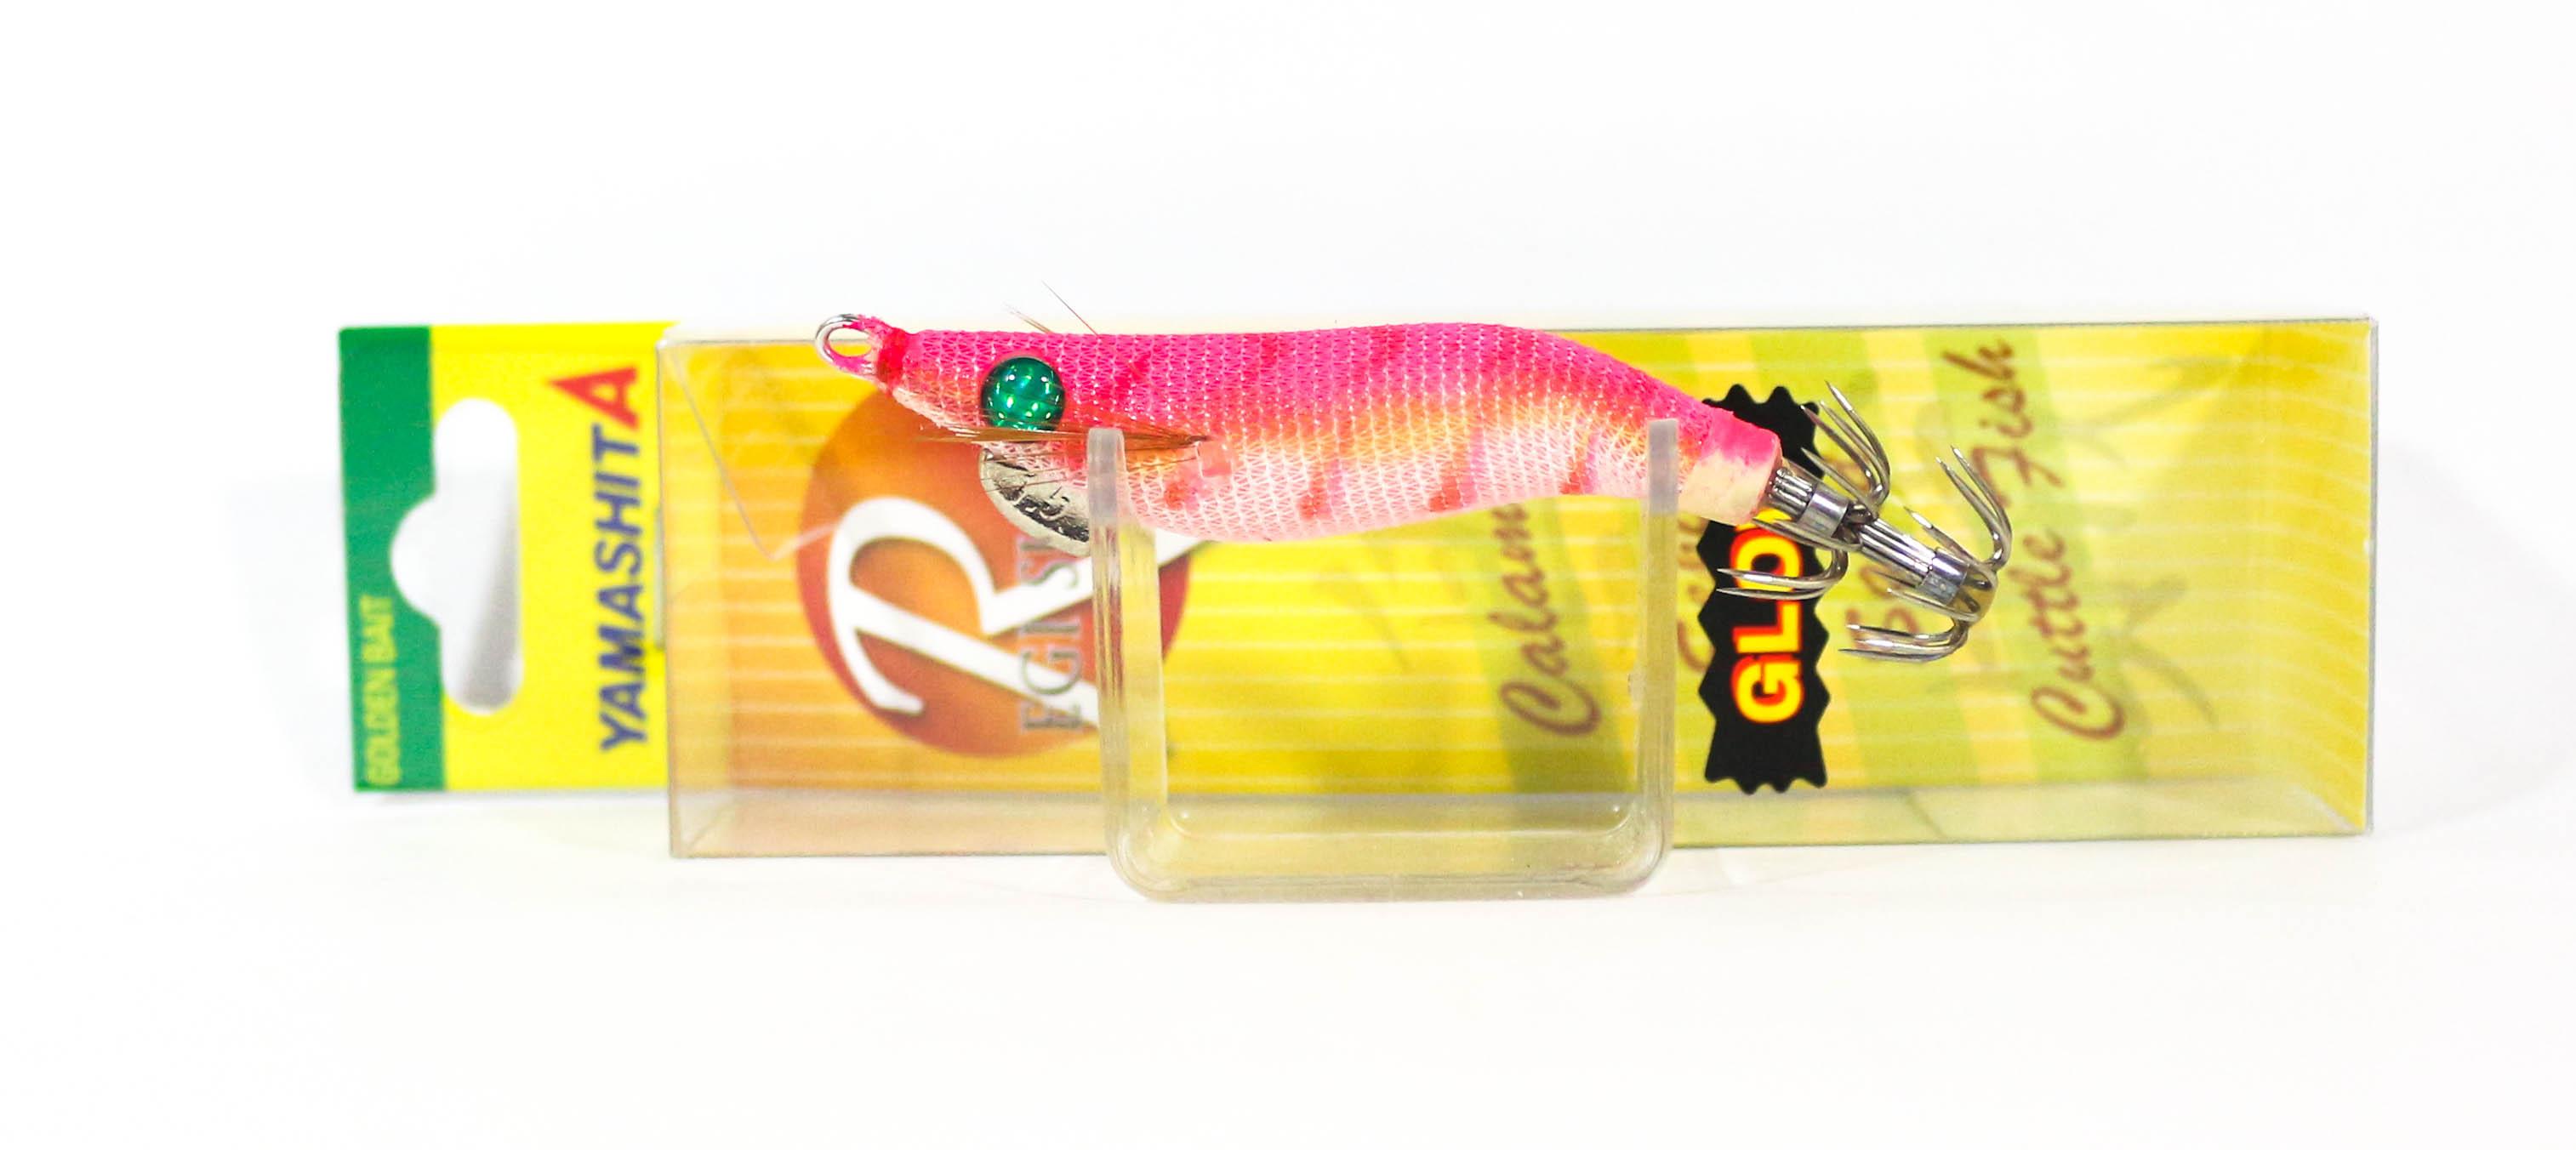 Yamashita Egi Sutte-R Squid Jig 1.5 ND 3 grams 8-9 sec per meter F/BP (3318)